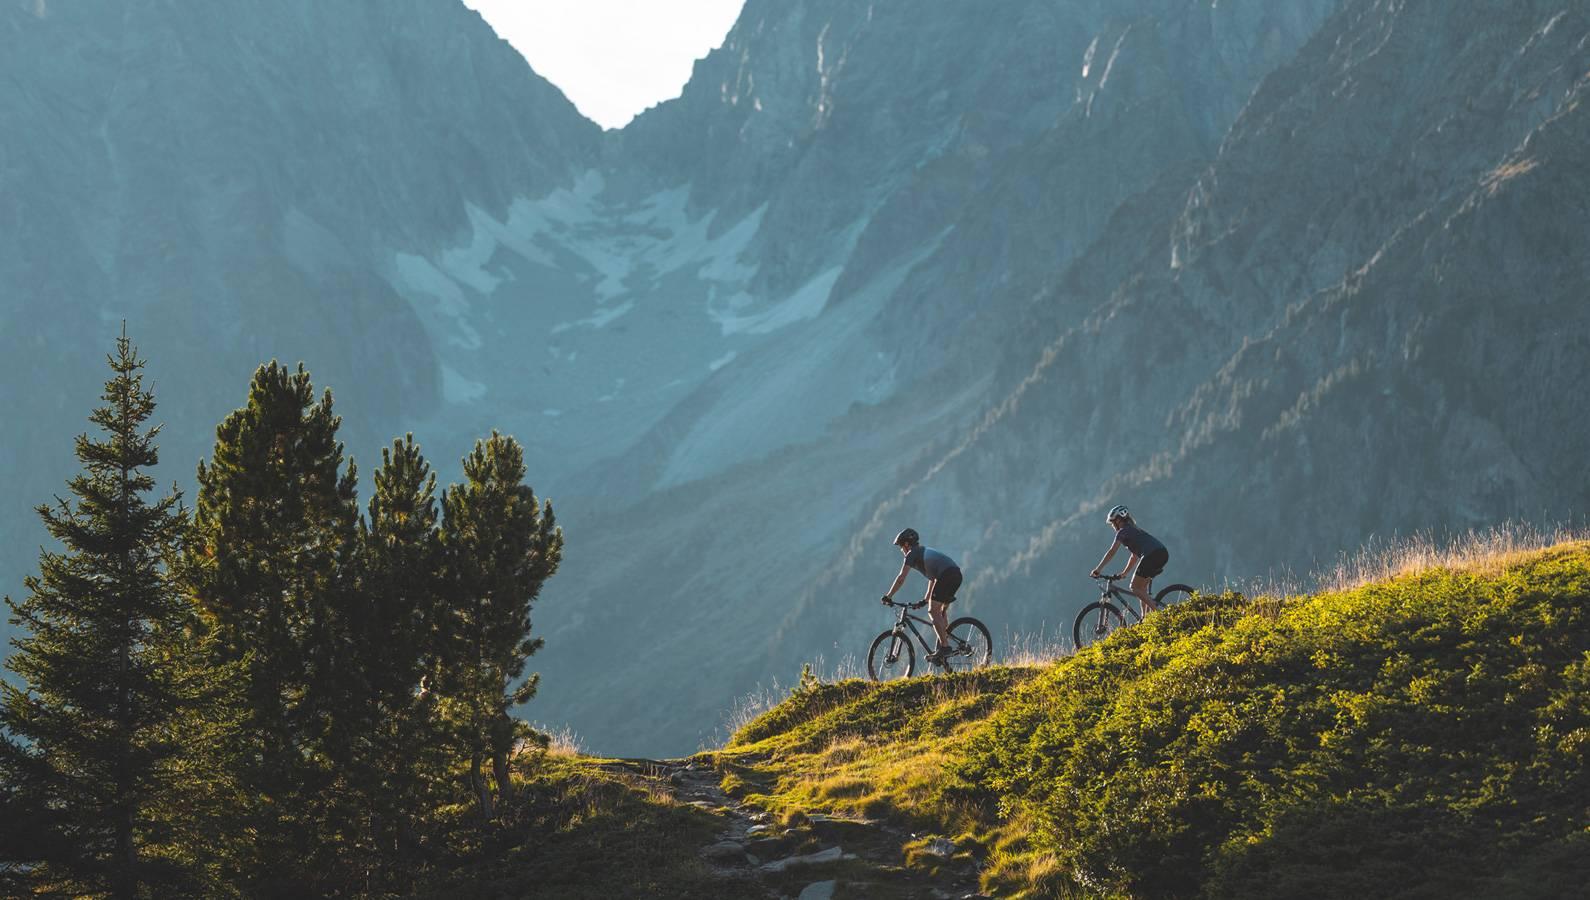 Traumhafte Bergkulisse in der 2 Biker am Weg Richtung Tal sind.